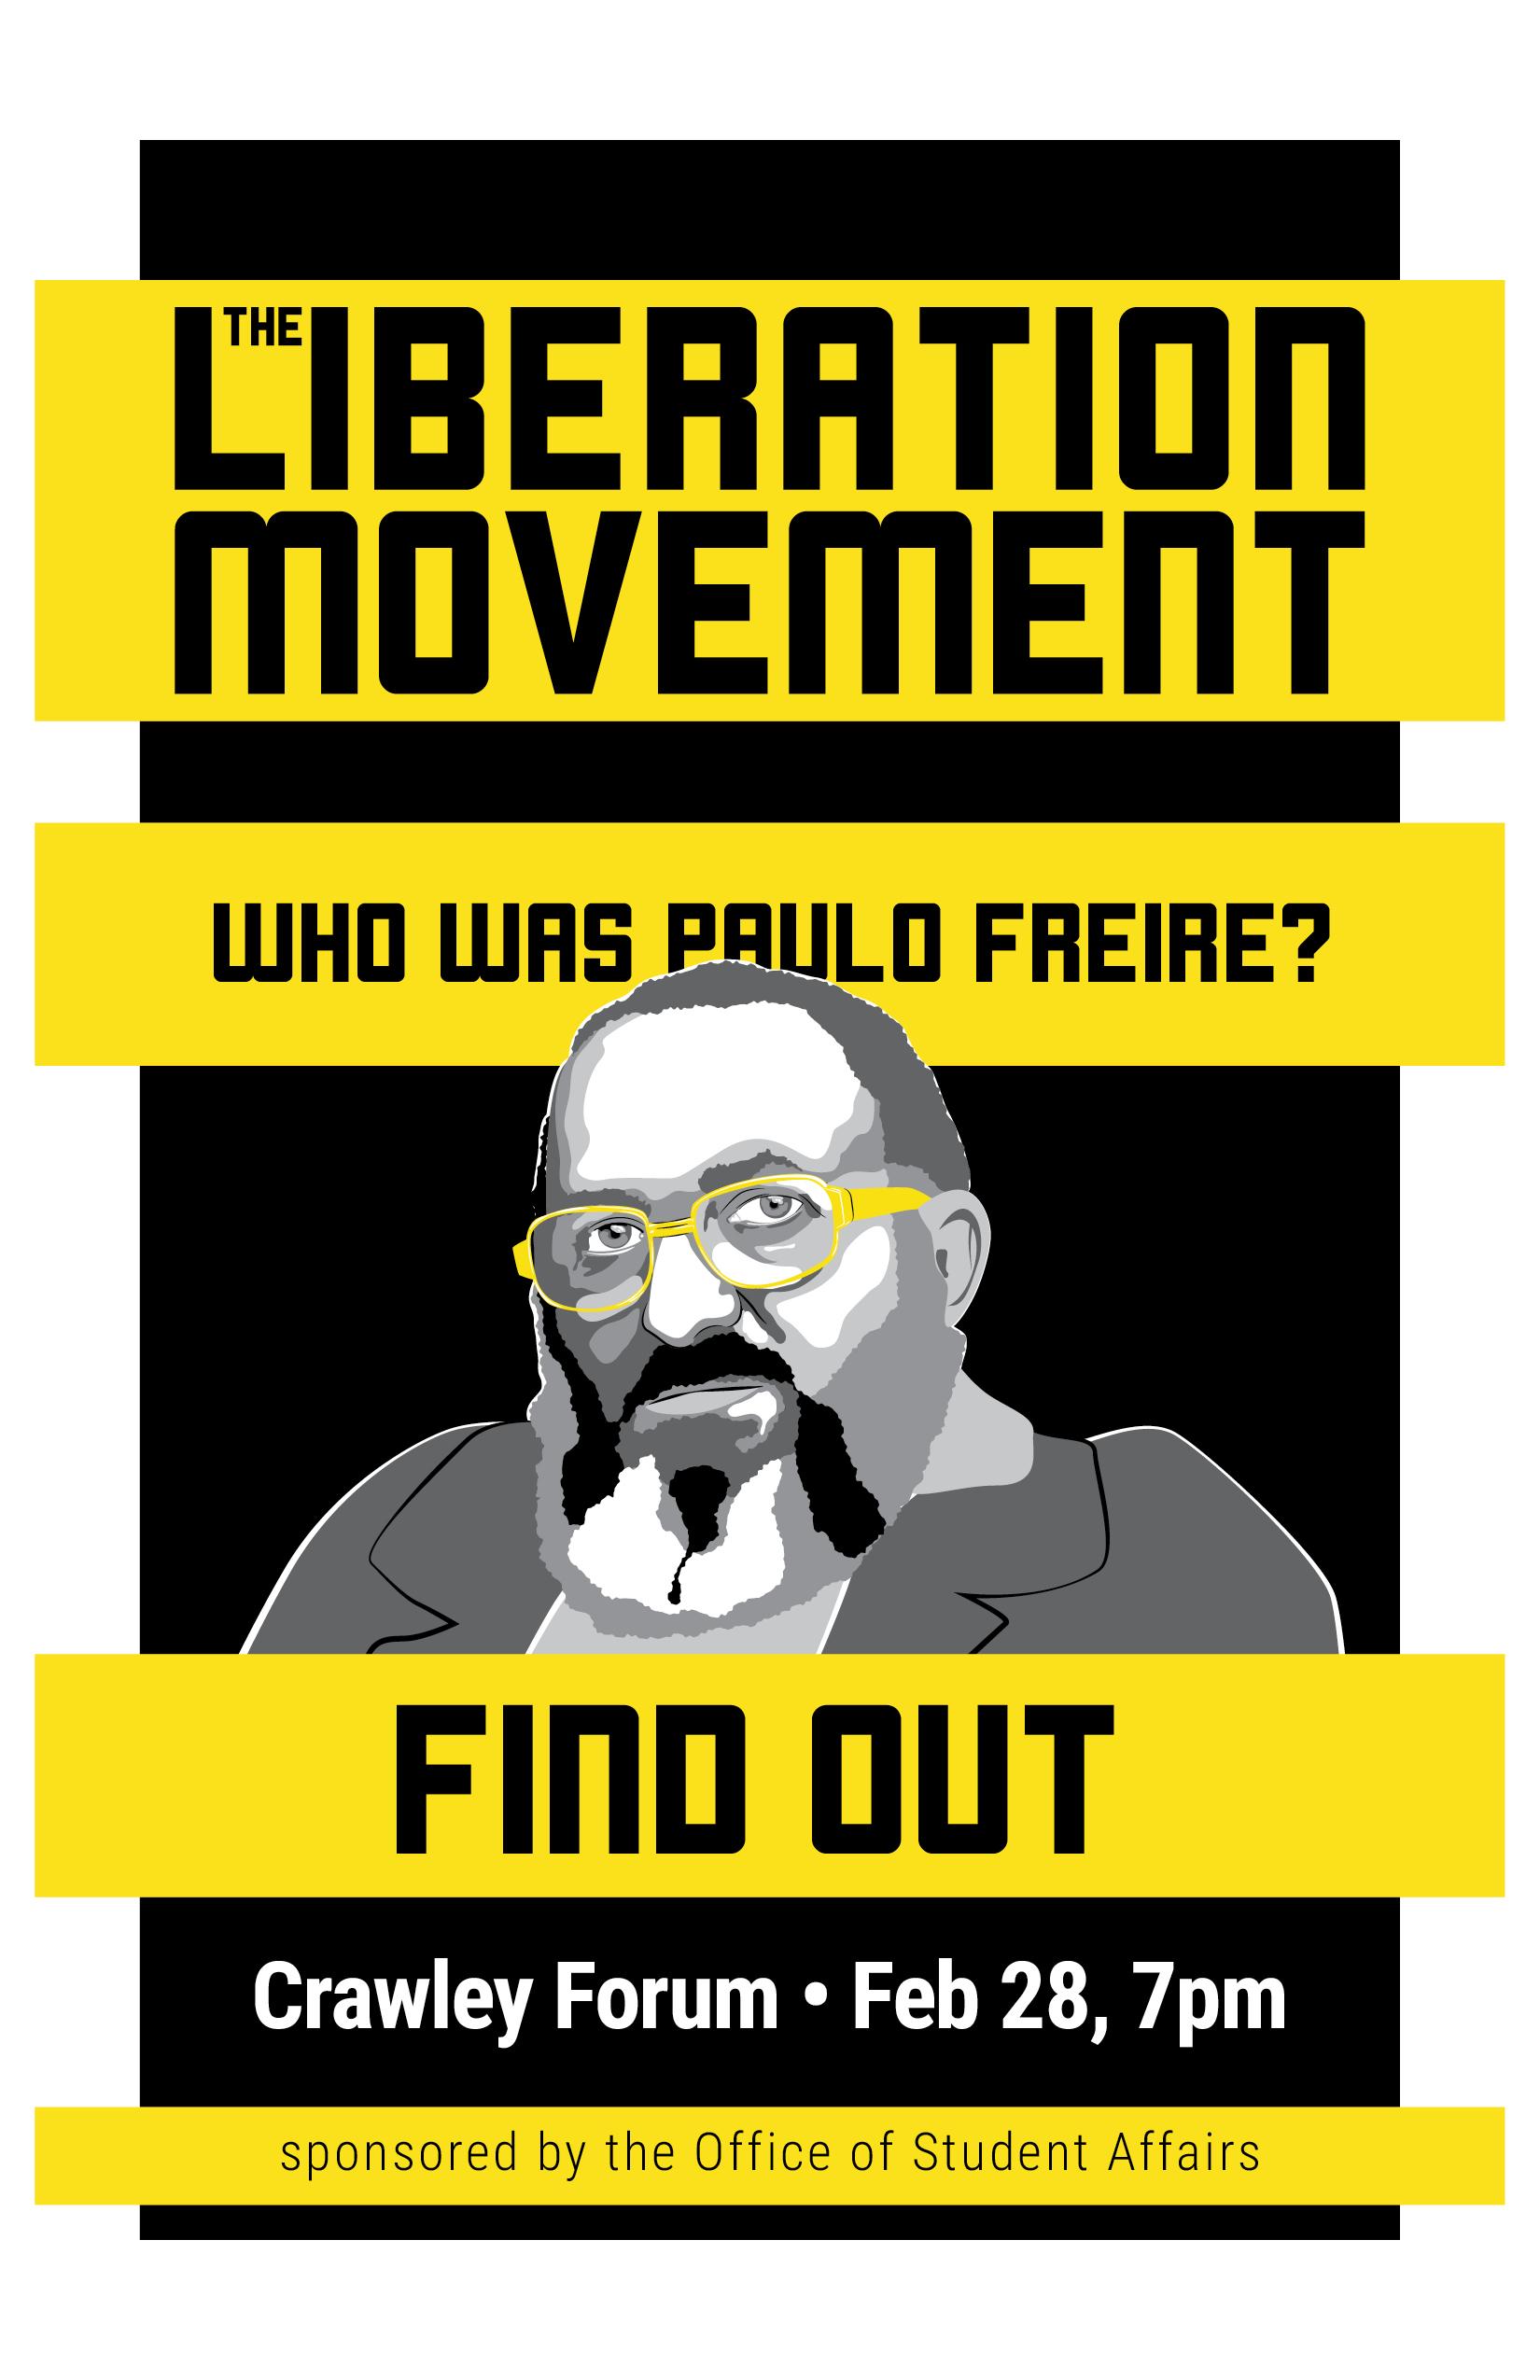 Liberation Movement: Friere